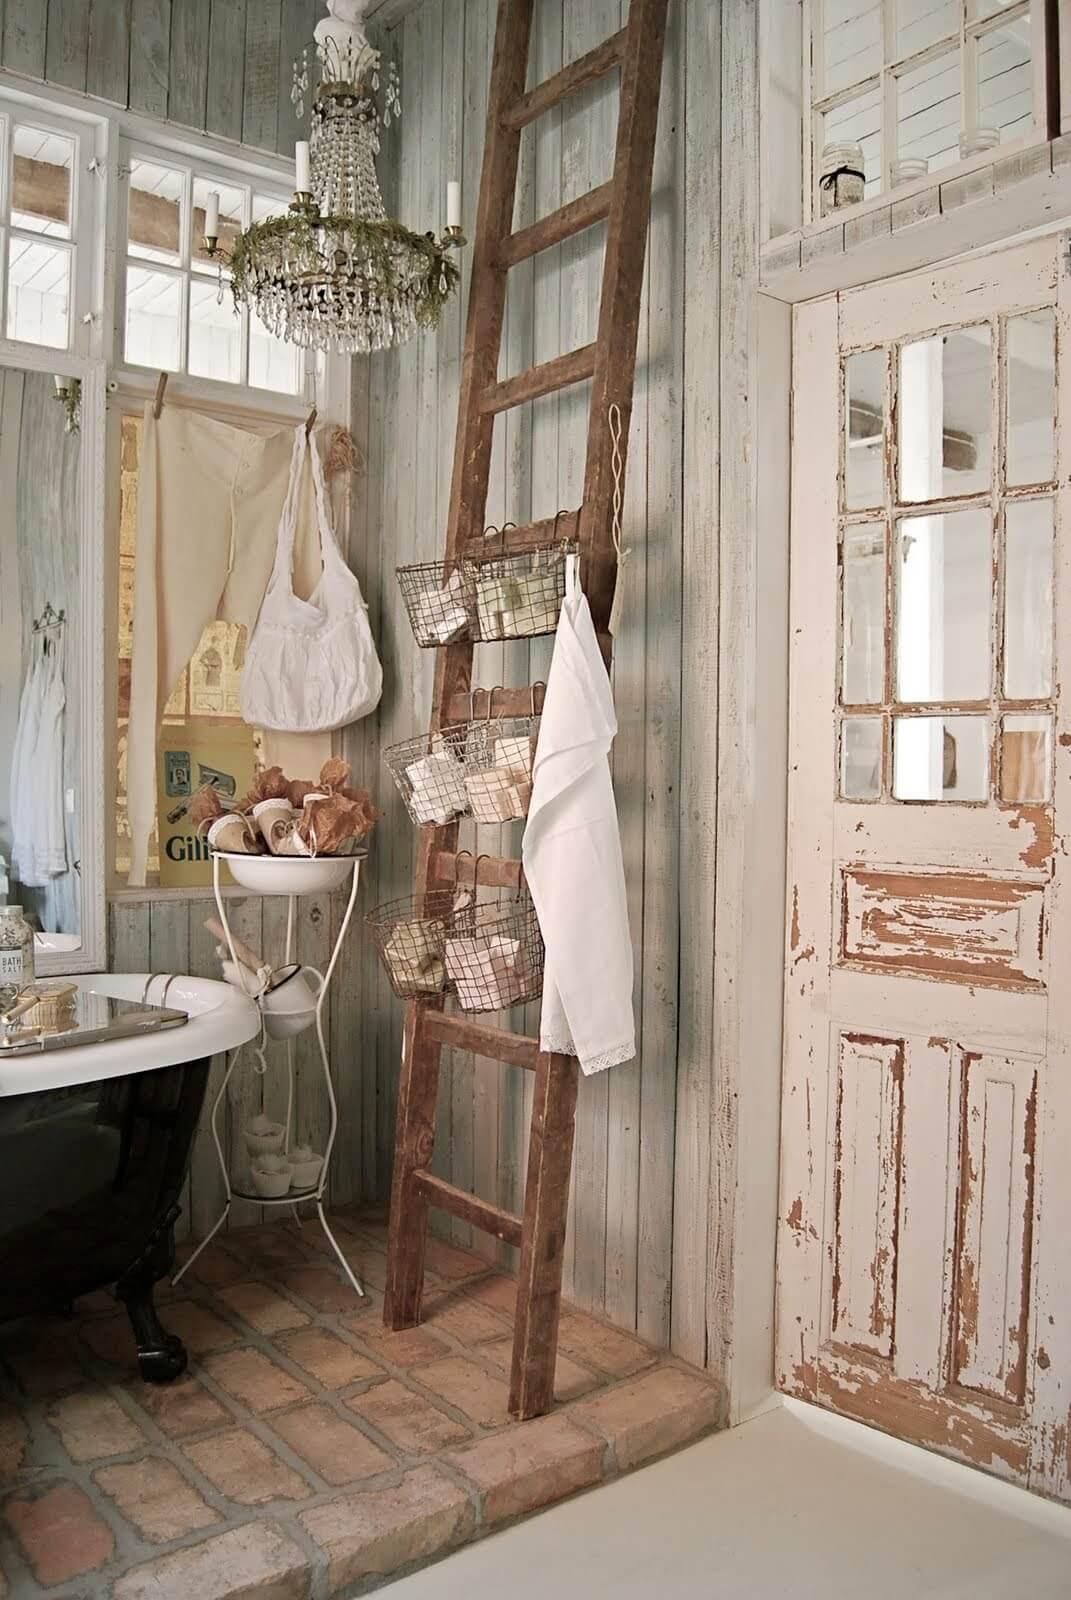 Bathroom Ladder Toiletry Organizing Baskets